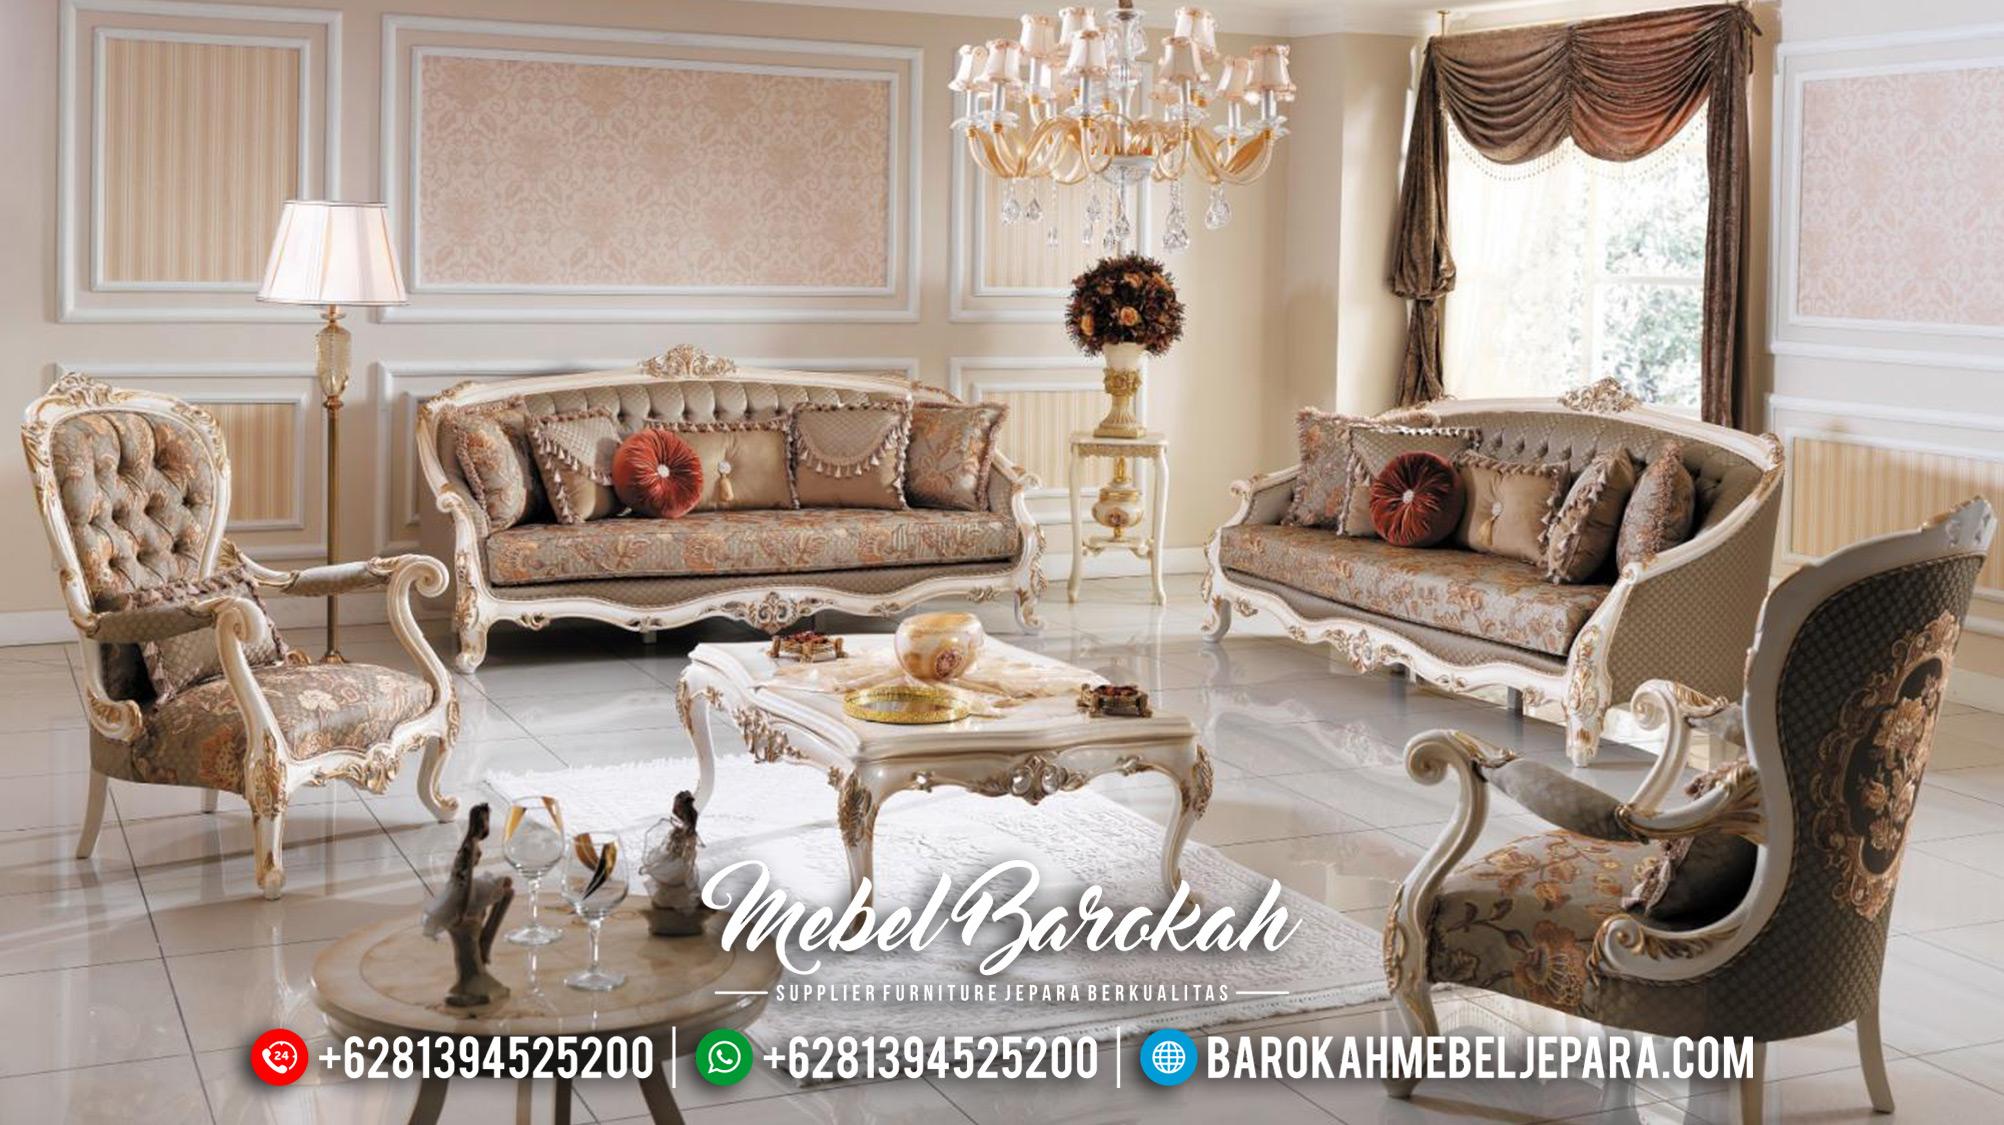 Elegant Sofa Tamu Mewah Terbaru Luxury Carving Mebel Jepara MB-0574